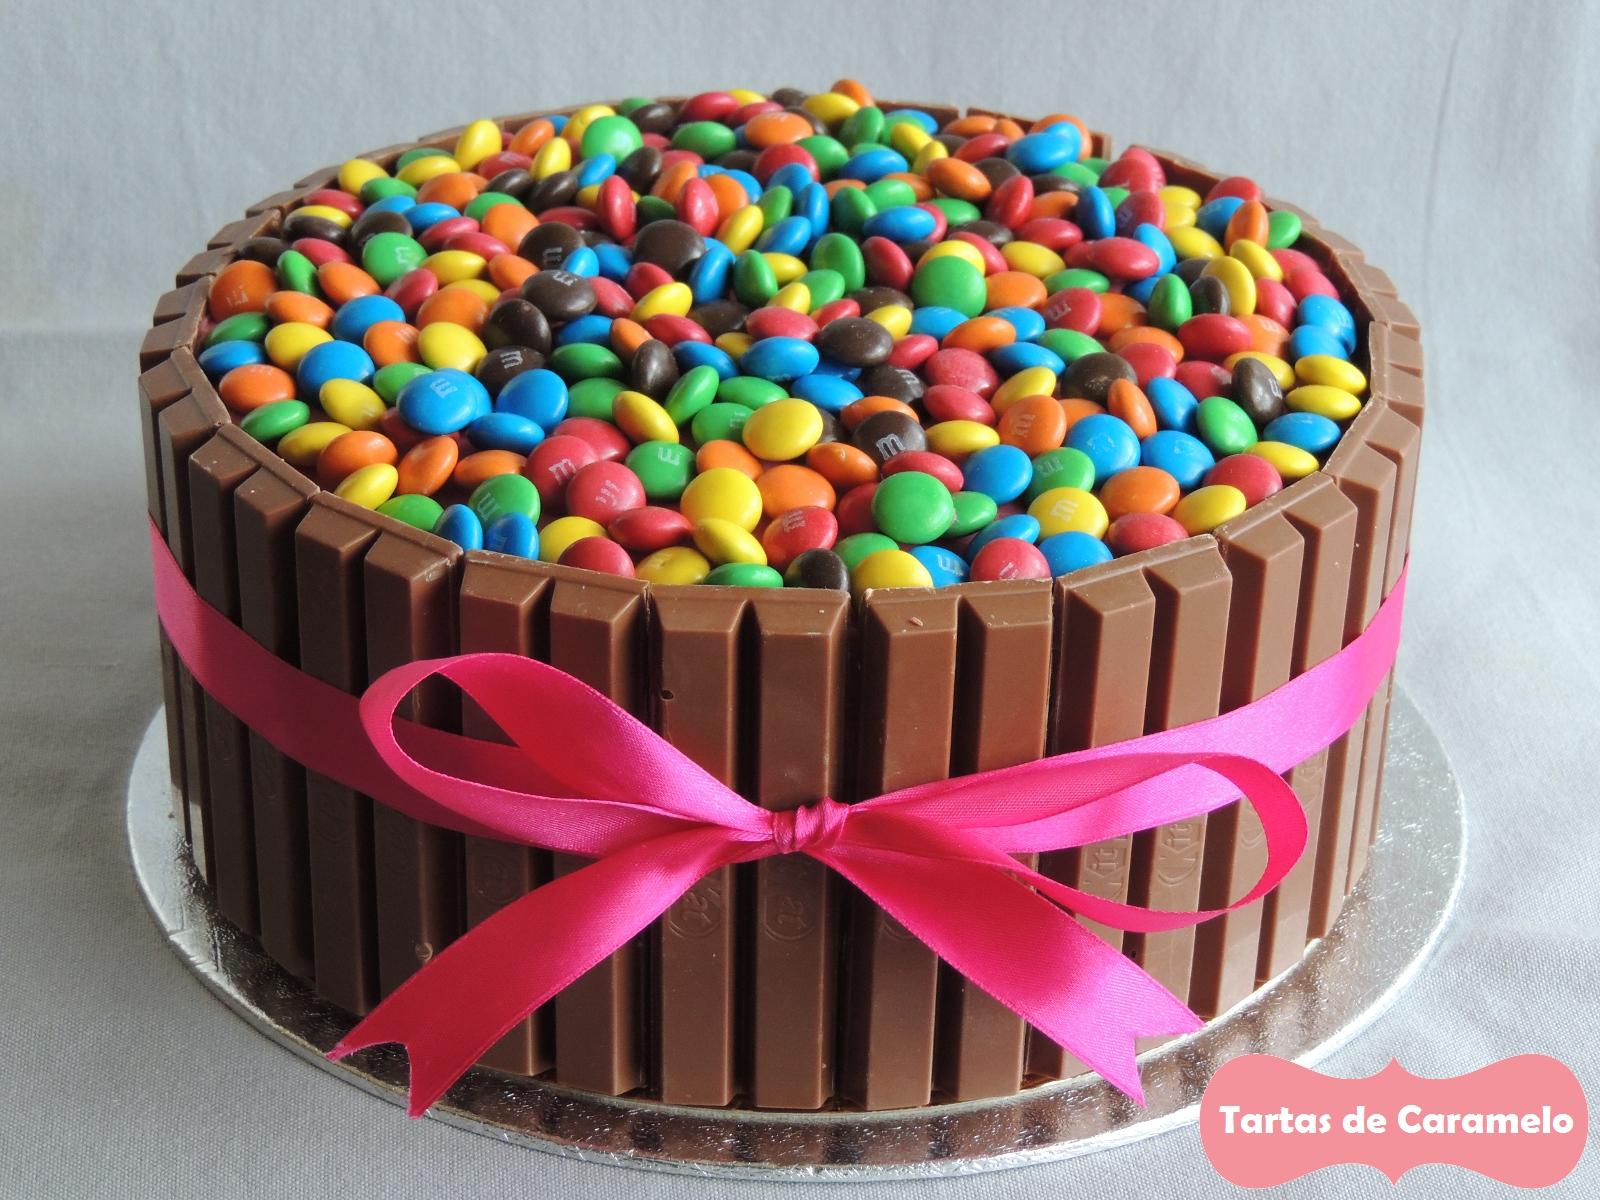 Tartas de caramelo tartas - Bizcochos cumpleanos infantiles ...